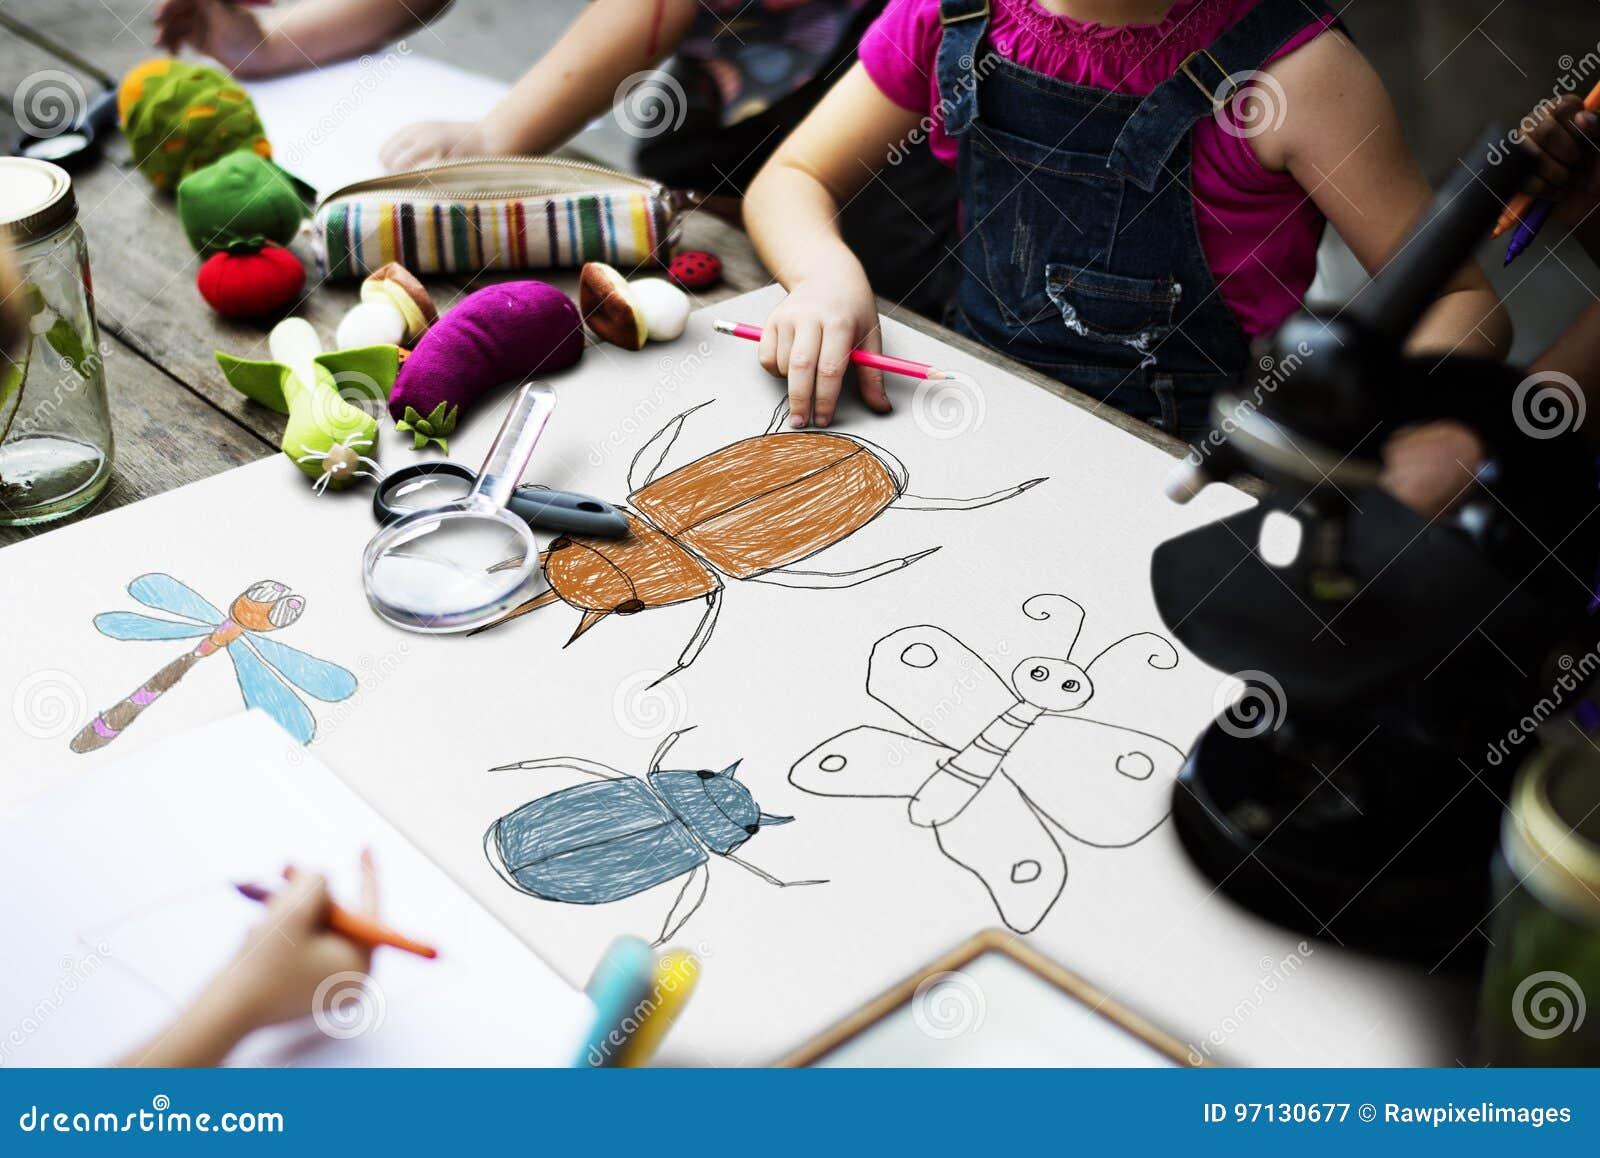 Disegno Di Un Bambino : Feltro pen table del cartello del disegno del bambino immagine stock